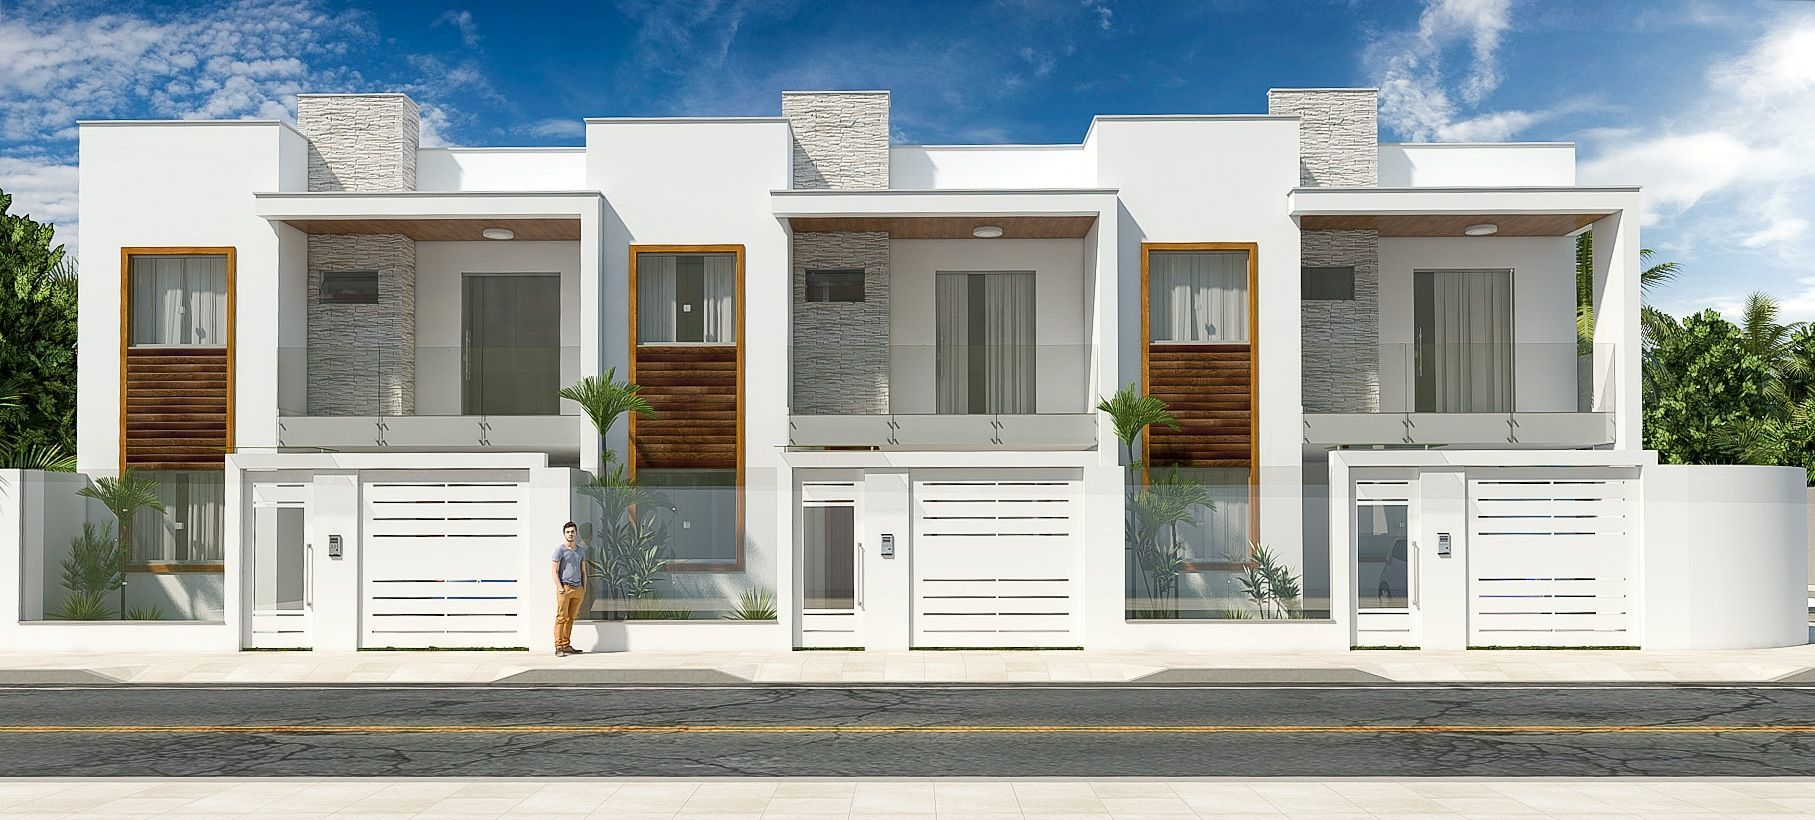 Resultado de imagem para modelo de casas modernas pequena for Fachadas de casas modernas de 2 quartos